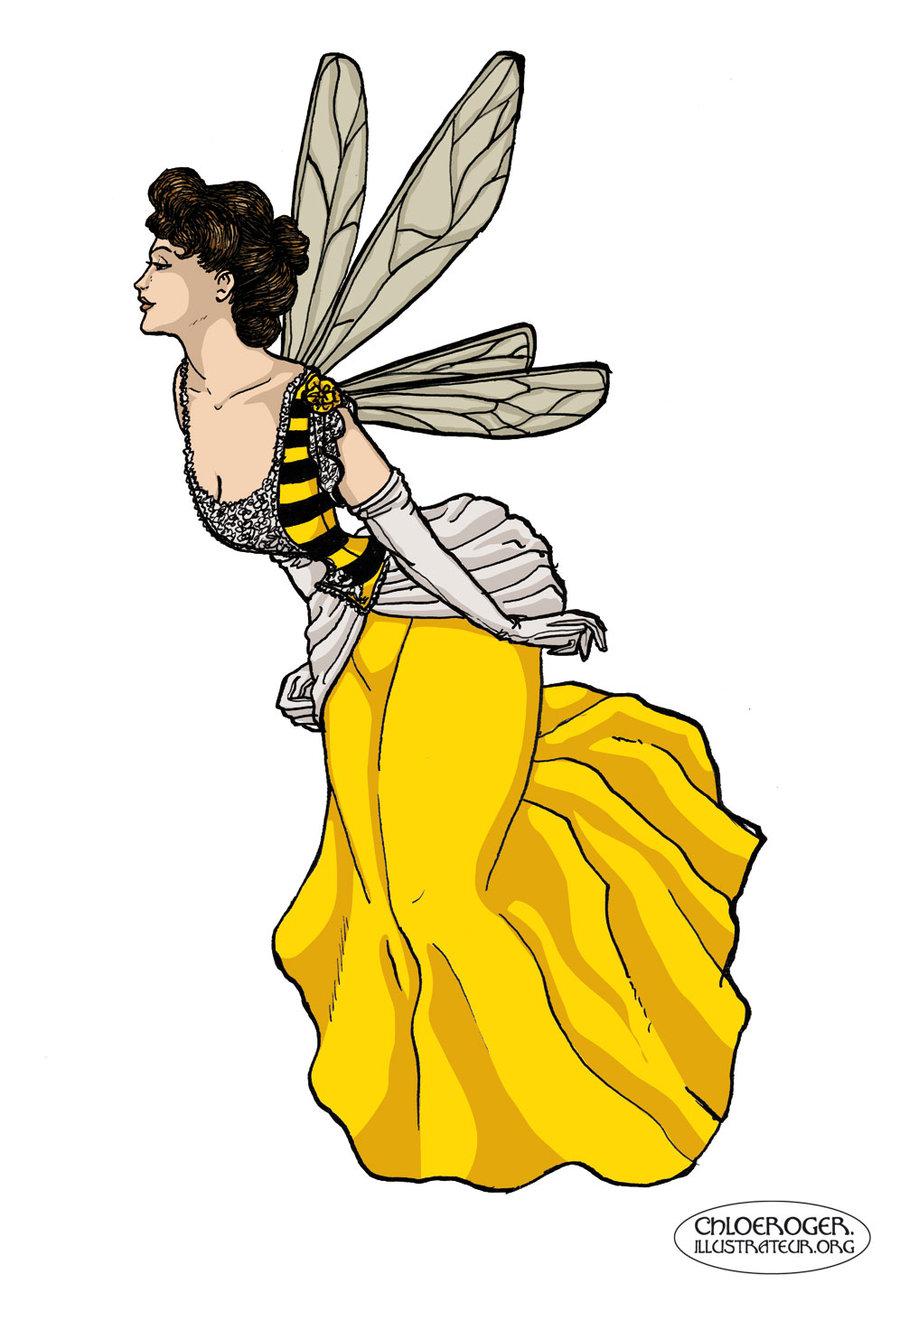 Wasp Waist by LaTaupinette.deviantart.com on @deviantART.